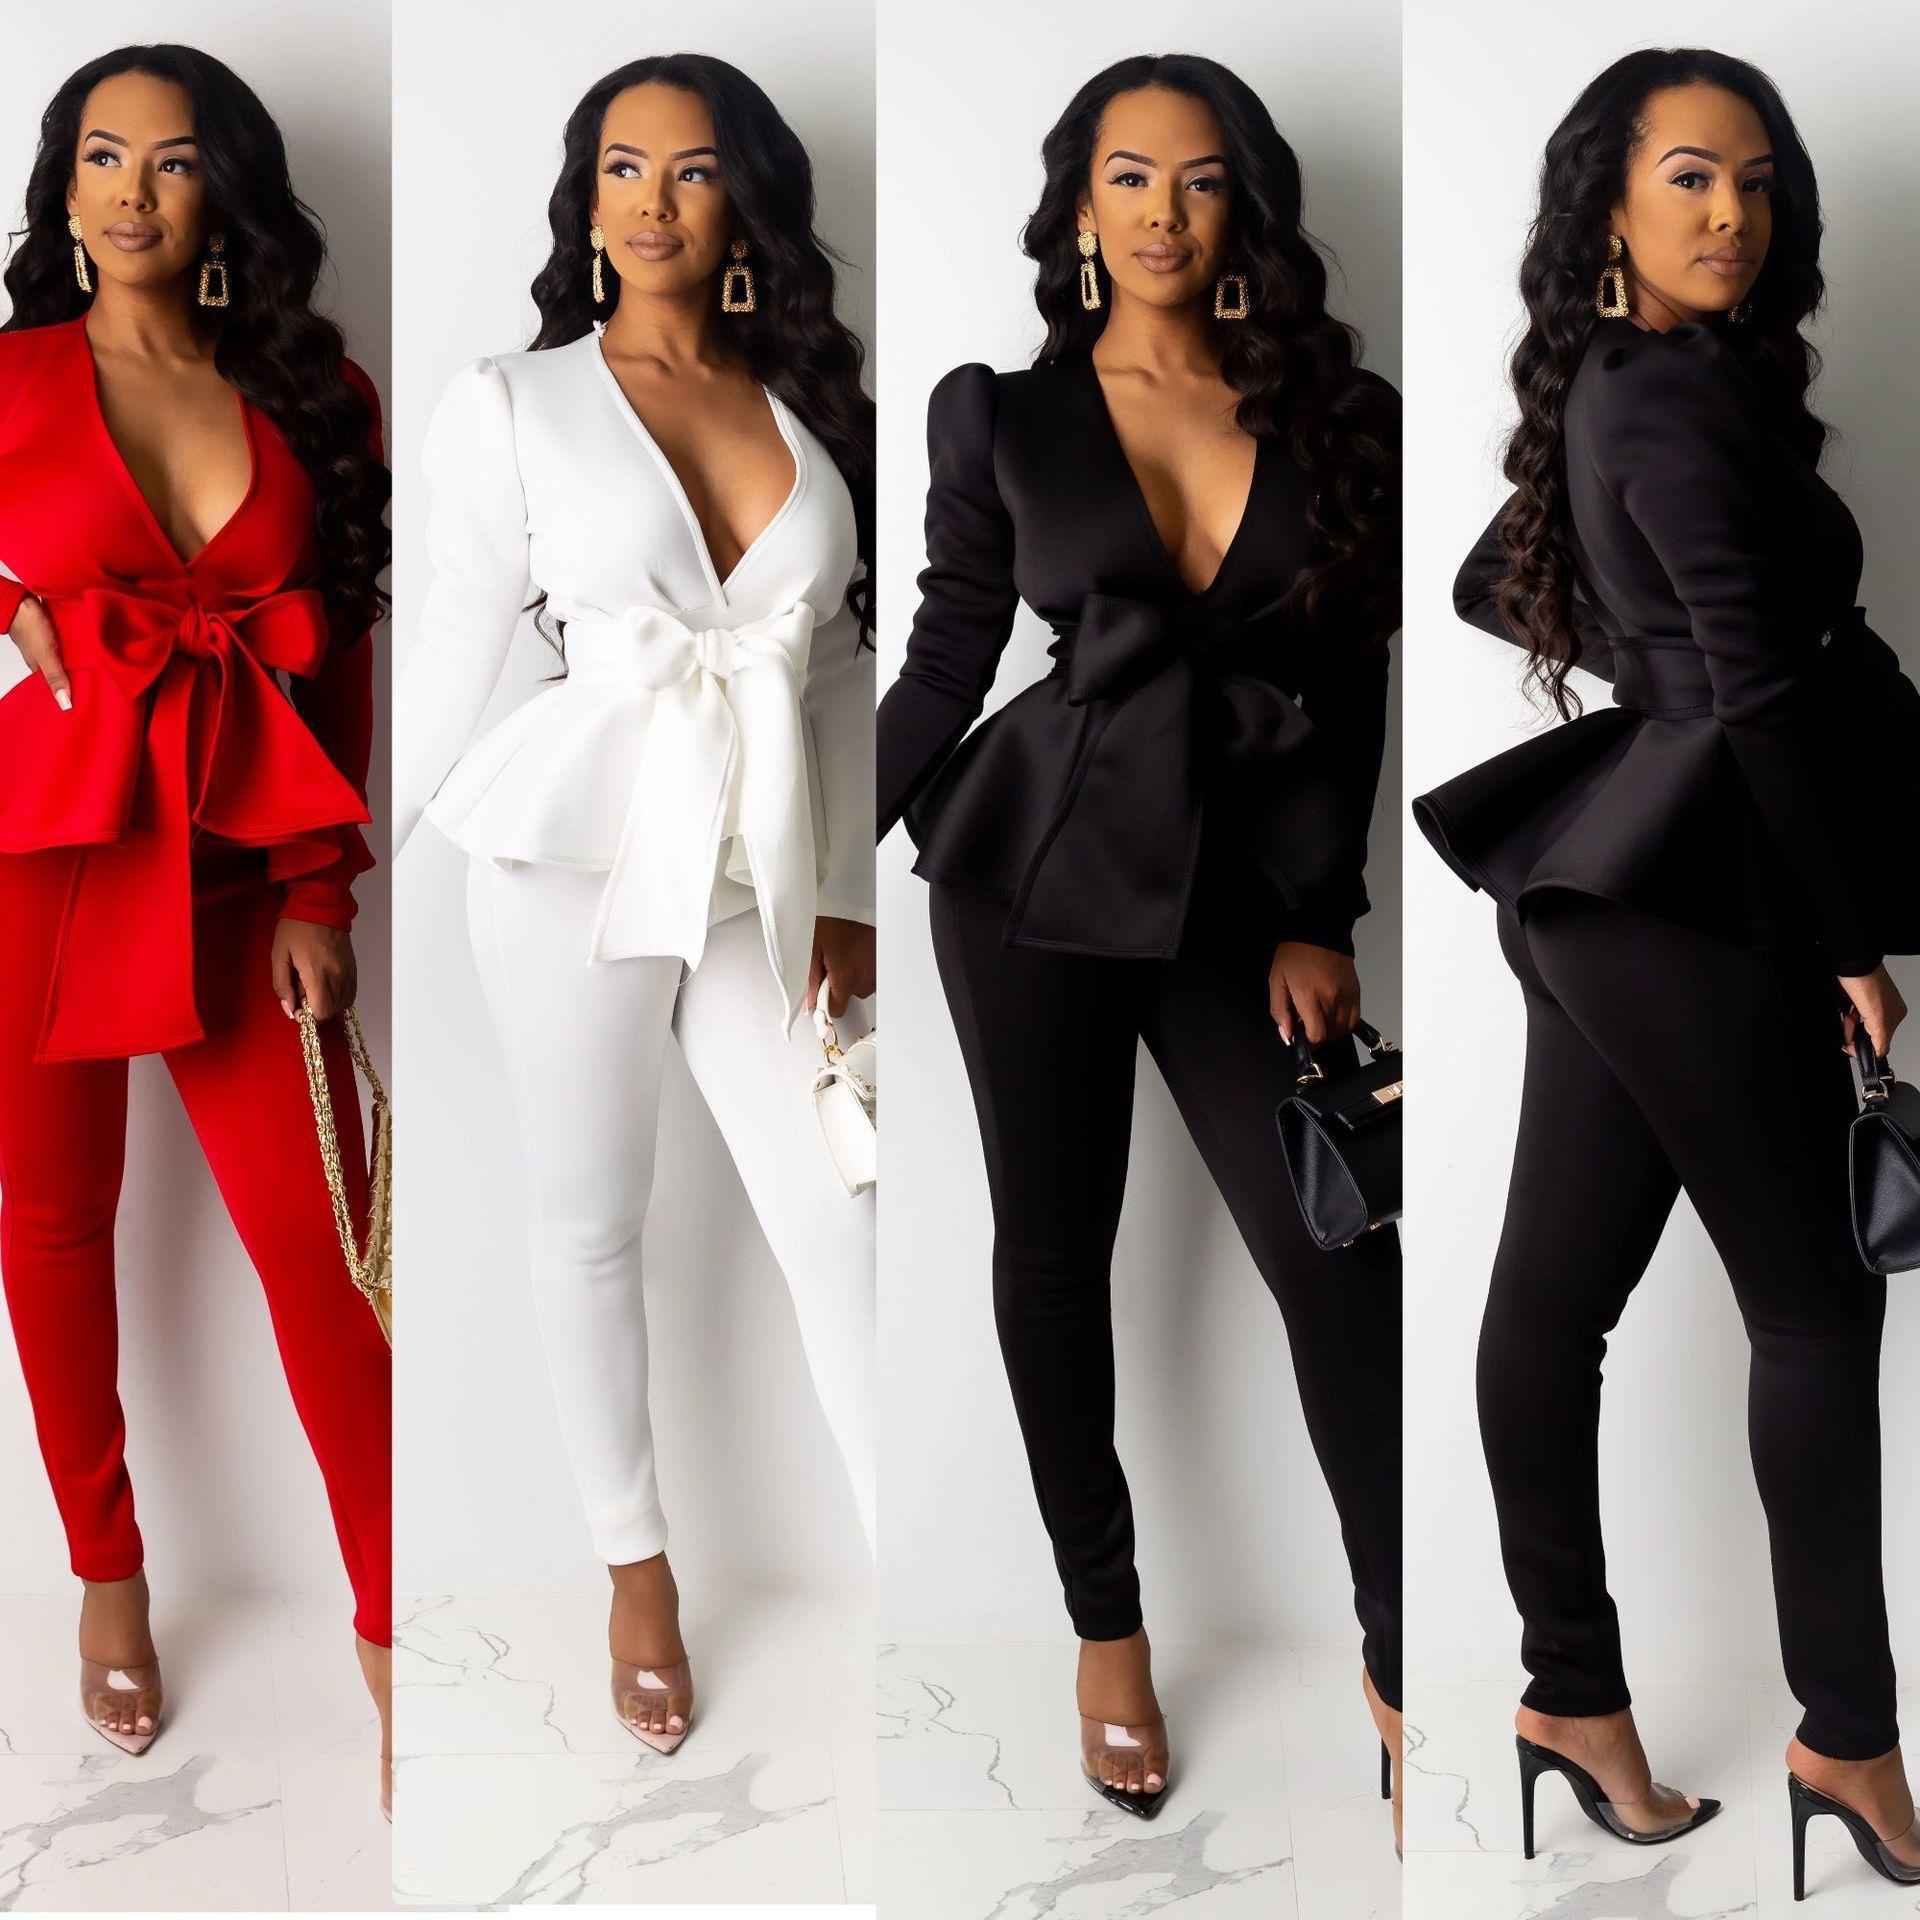 2020 Les femmes Nouveau Survêtement d'hiver Femmes Ruffles Bow Blazers Pantalons Suit 2 En deux pièces Paramétrez Lady entreprises Tenues uniformes